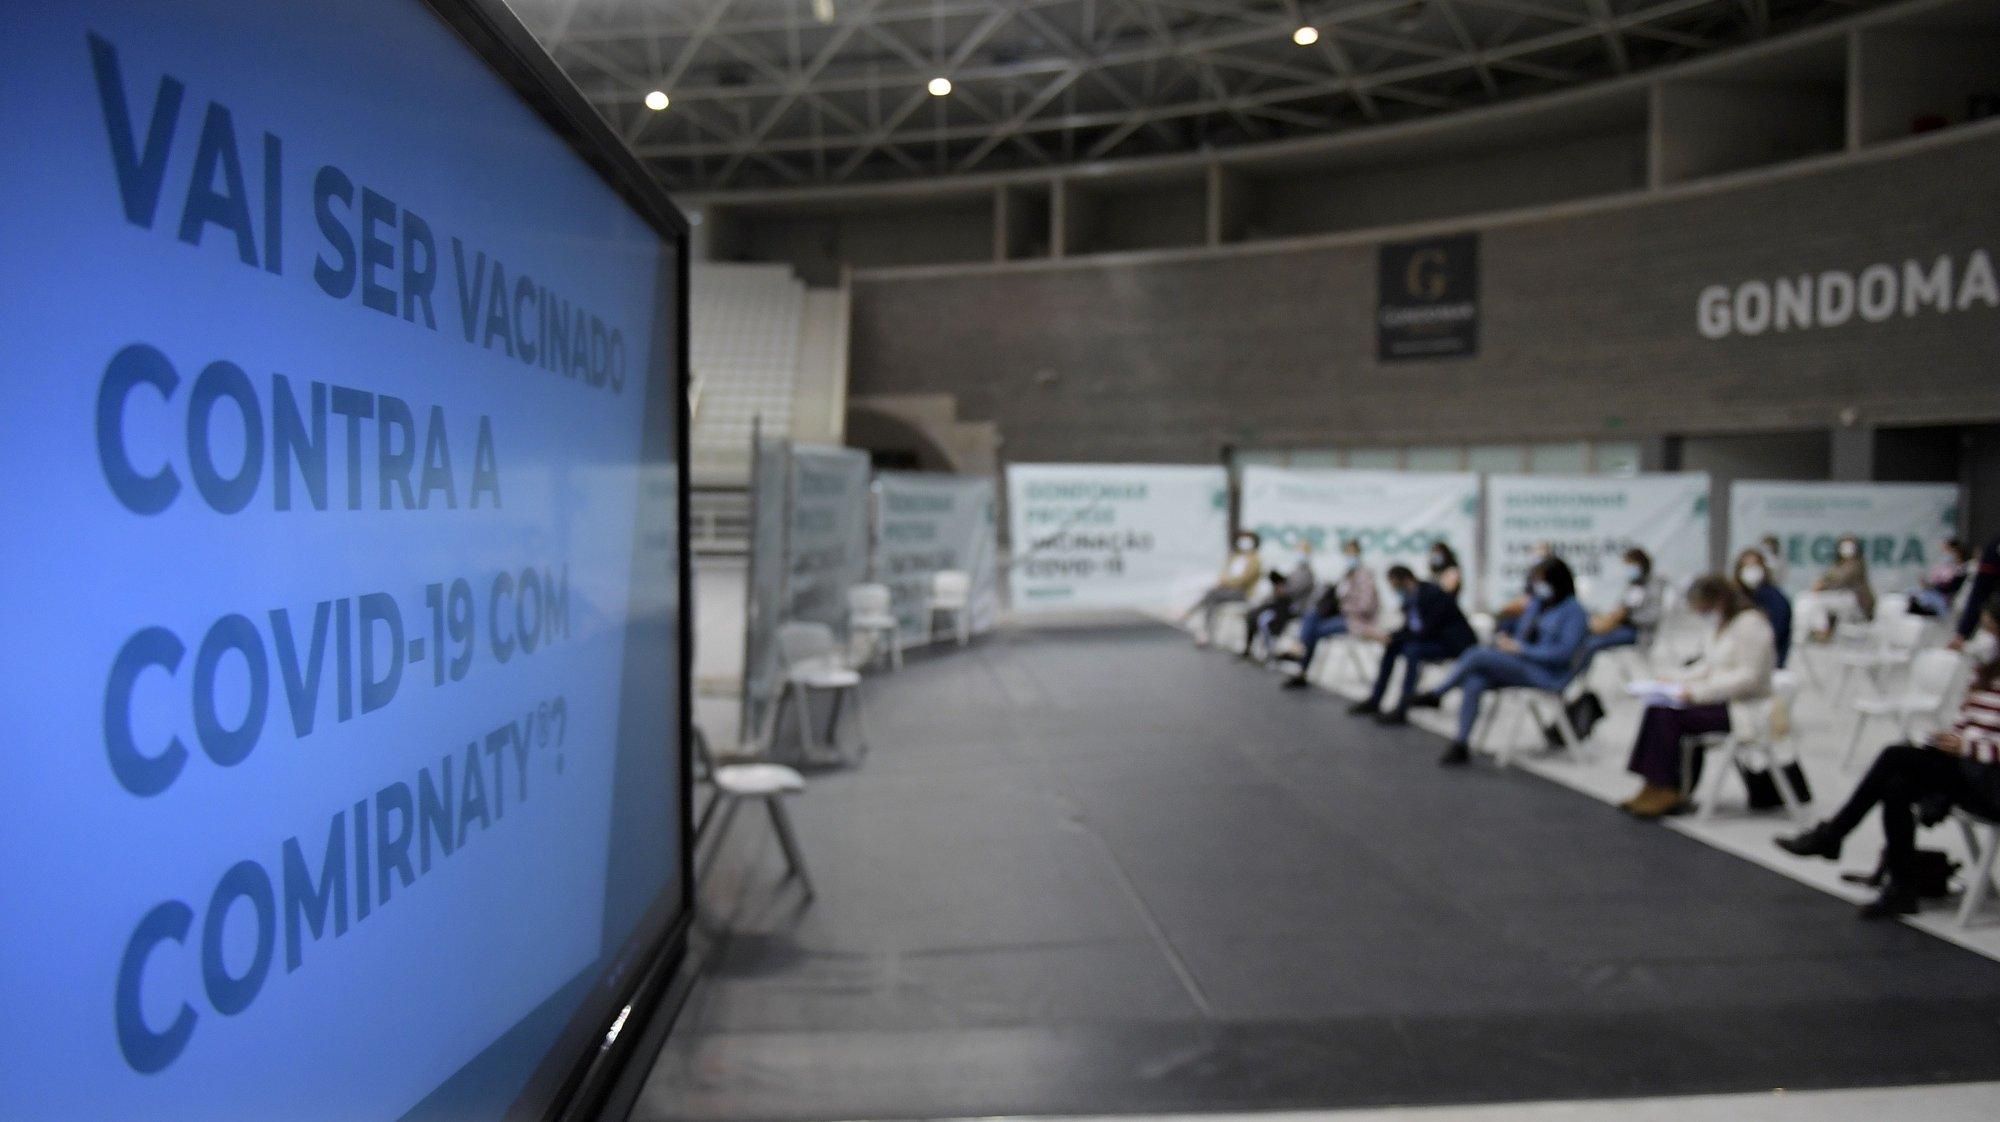 Inoculação de vacinas a professores e a auxiliares no Centro de Vacinação de Gondomar (ACES Gondomar), instalado no Pavilhão Multiusos em Gondomar. 18 de Abril 2021. FERNANDO VELUDO/LUSA